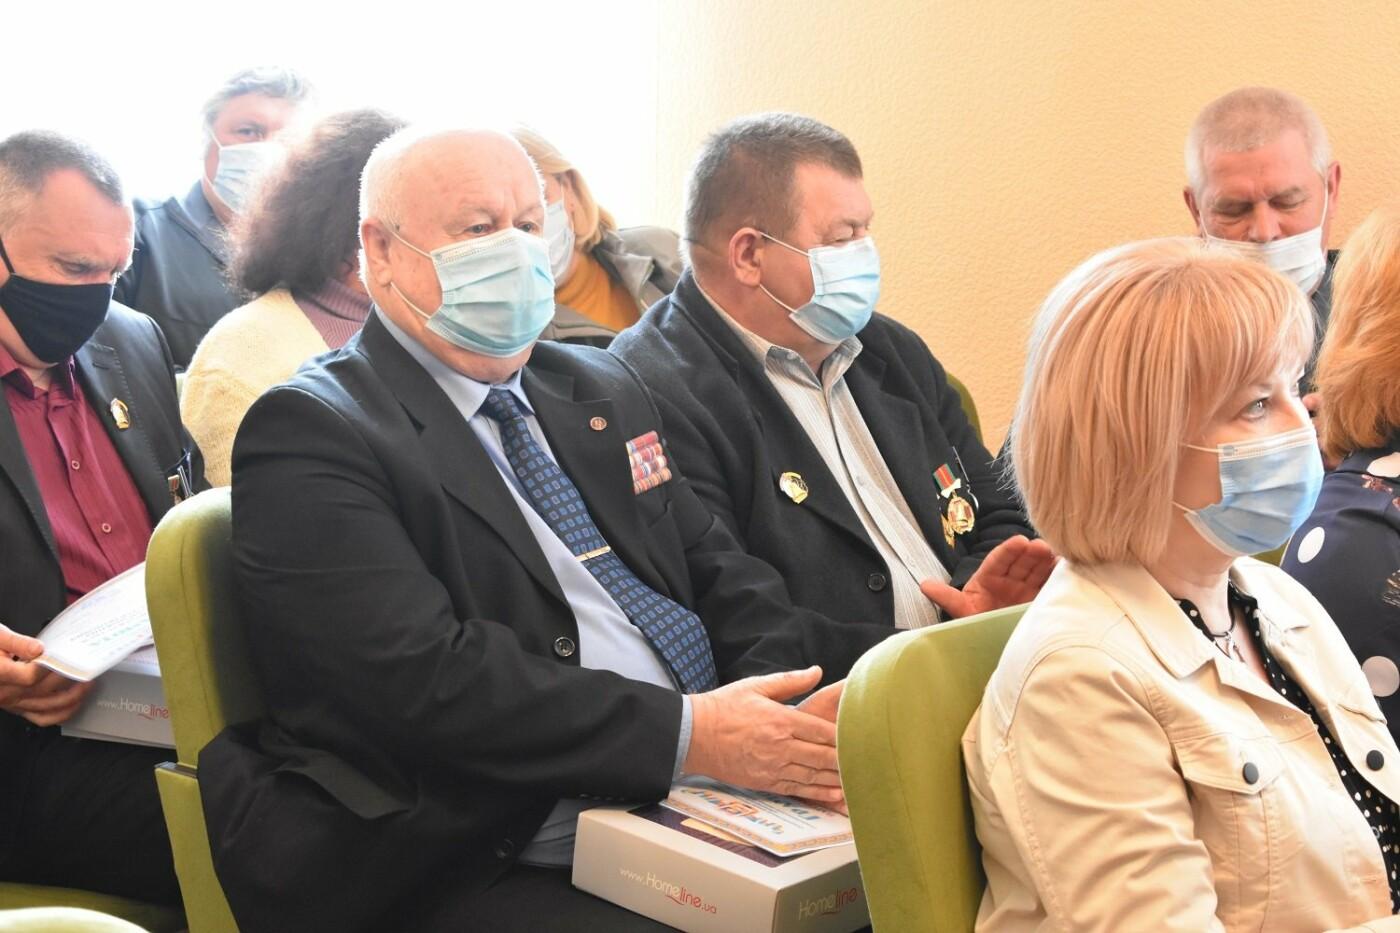 В Северодонецке наградили грамотами ликвидаторов чернобыльской катастрофы (фото), фото-5